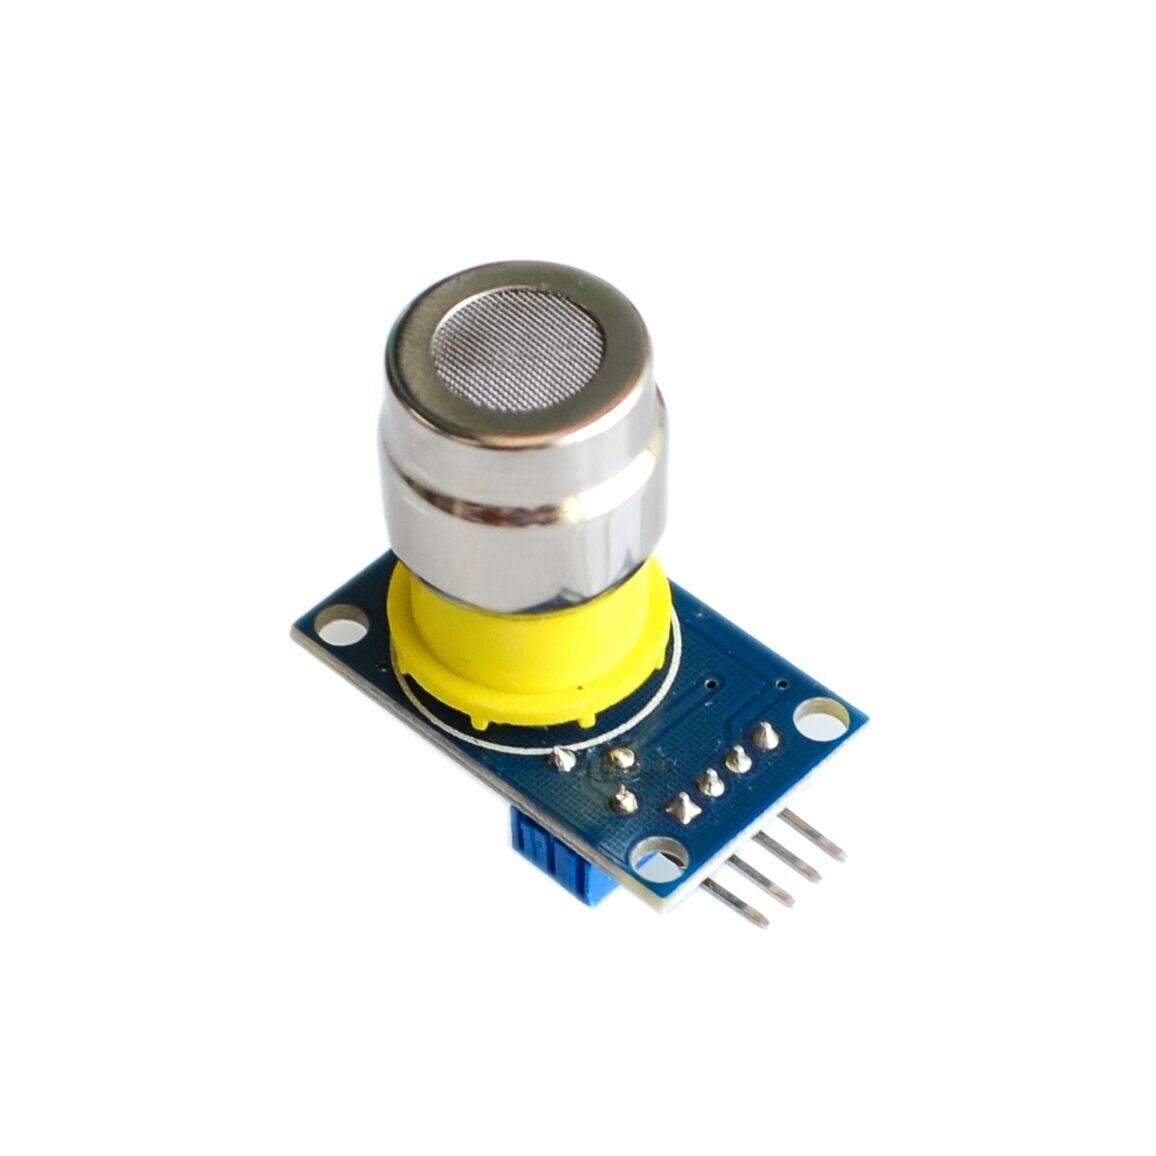 MG811 sensore di biossido di carbonio, CO2 sensore, modulo sensore di gasMG811 sensore di biossido di carbonio, CO2 sensore, modulo sensore di gas